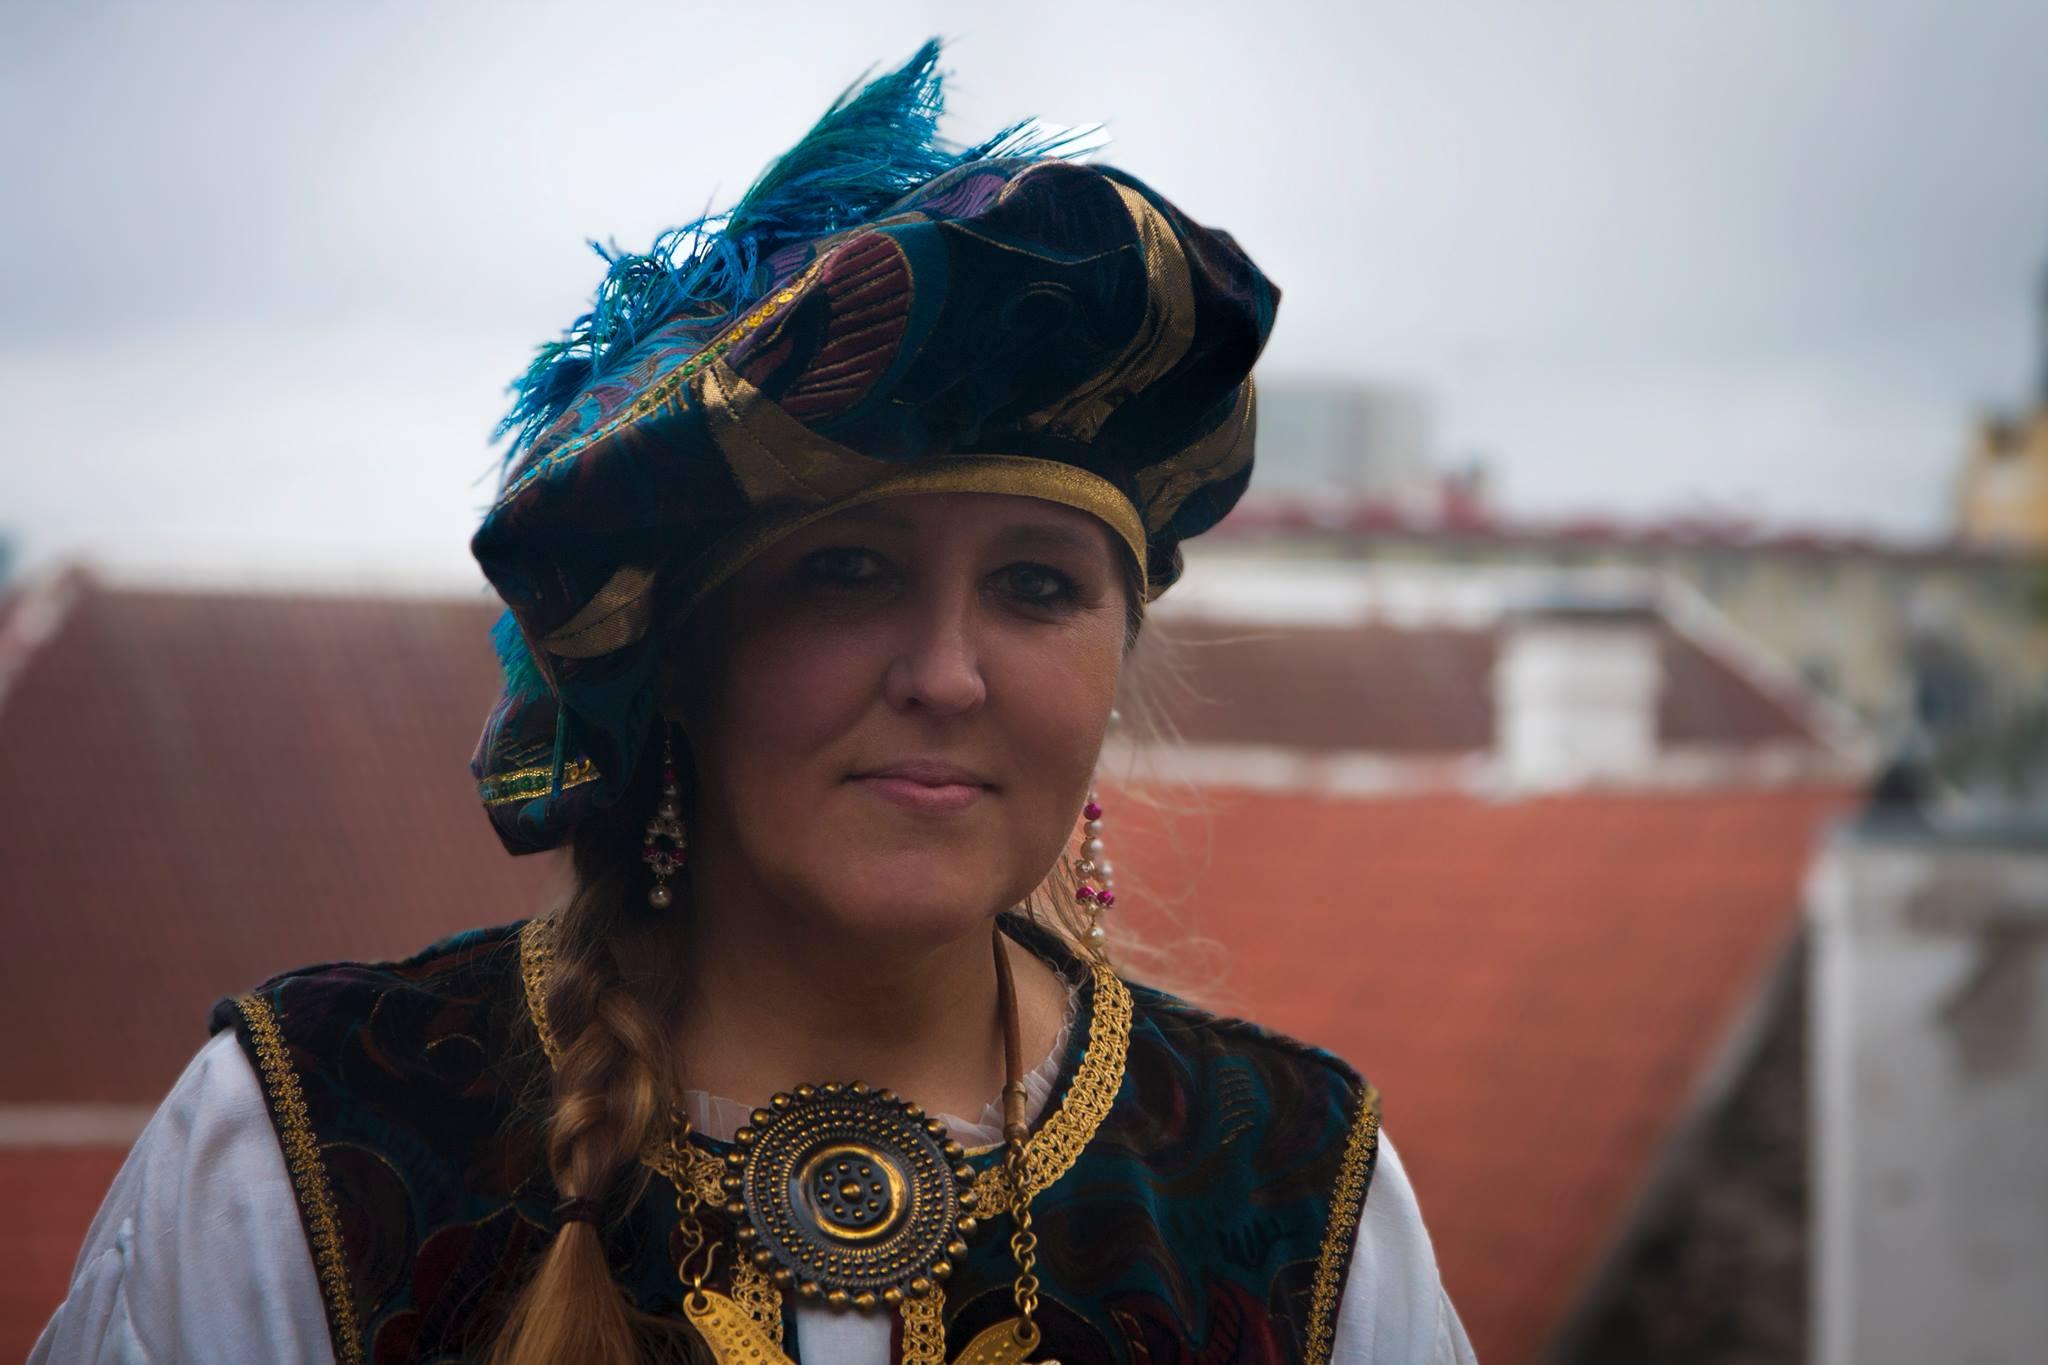 Keskaja päevad vallutavad taas Tallinna vanalinna